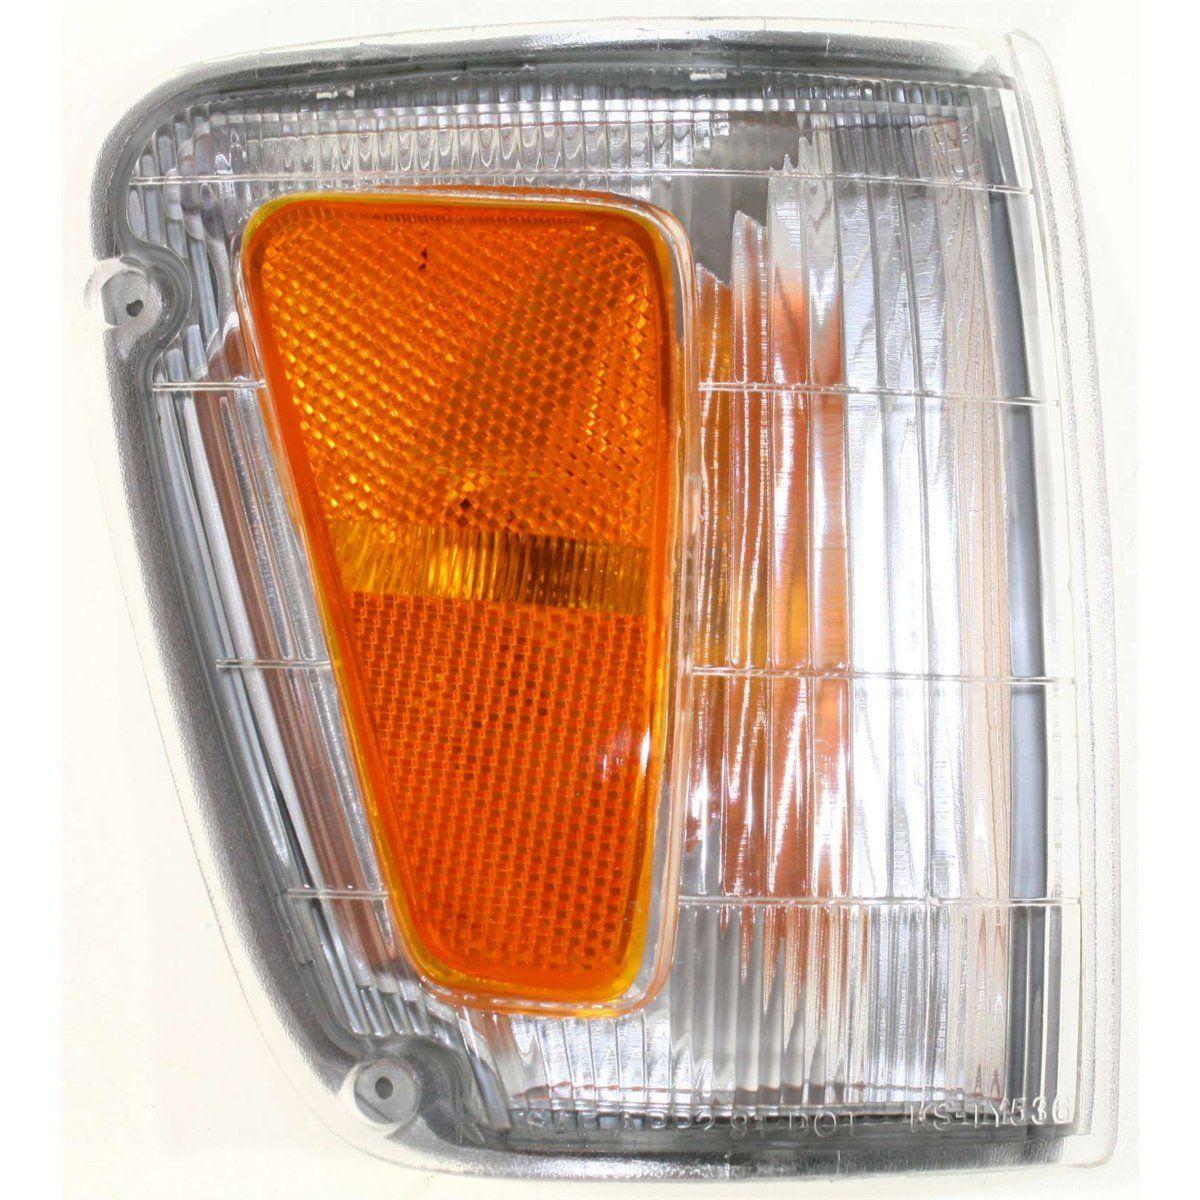 コーナーライト Corner Light For 93-98 Toyota T100 Passenger Side Incandescent w/ Bulb コーナーライトfor 93-98トヨタT100 Passenger Side白熱電球